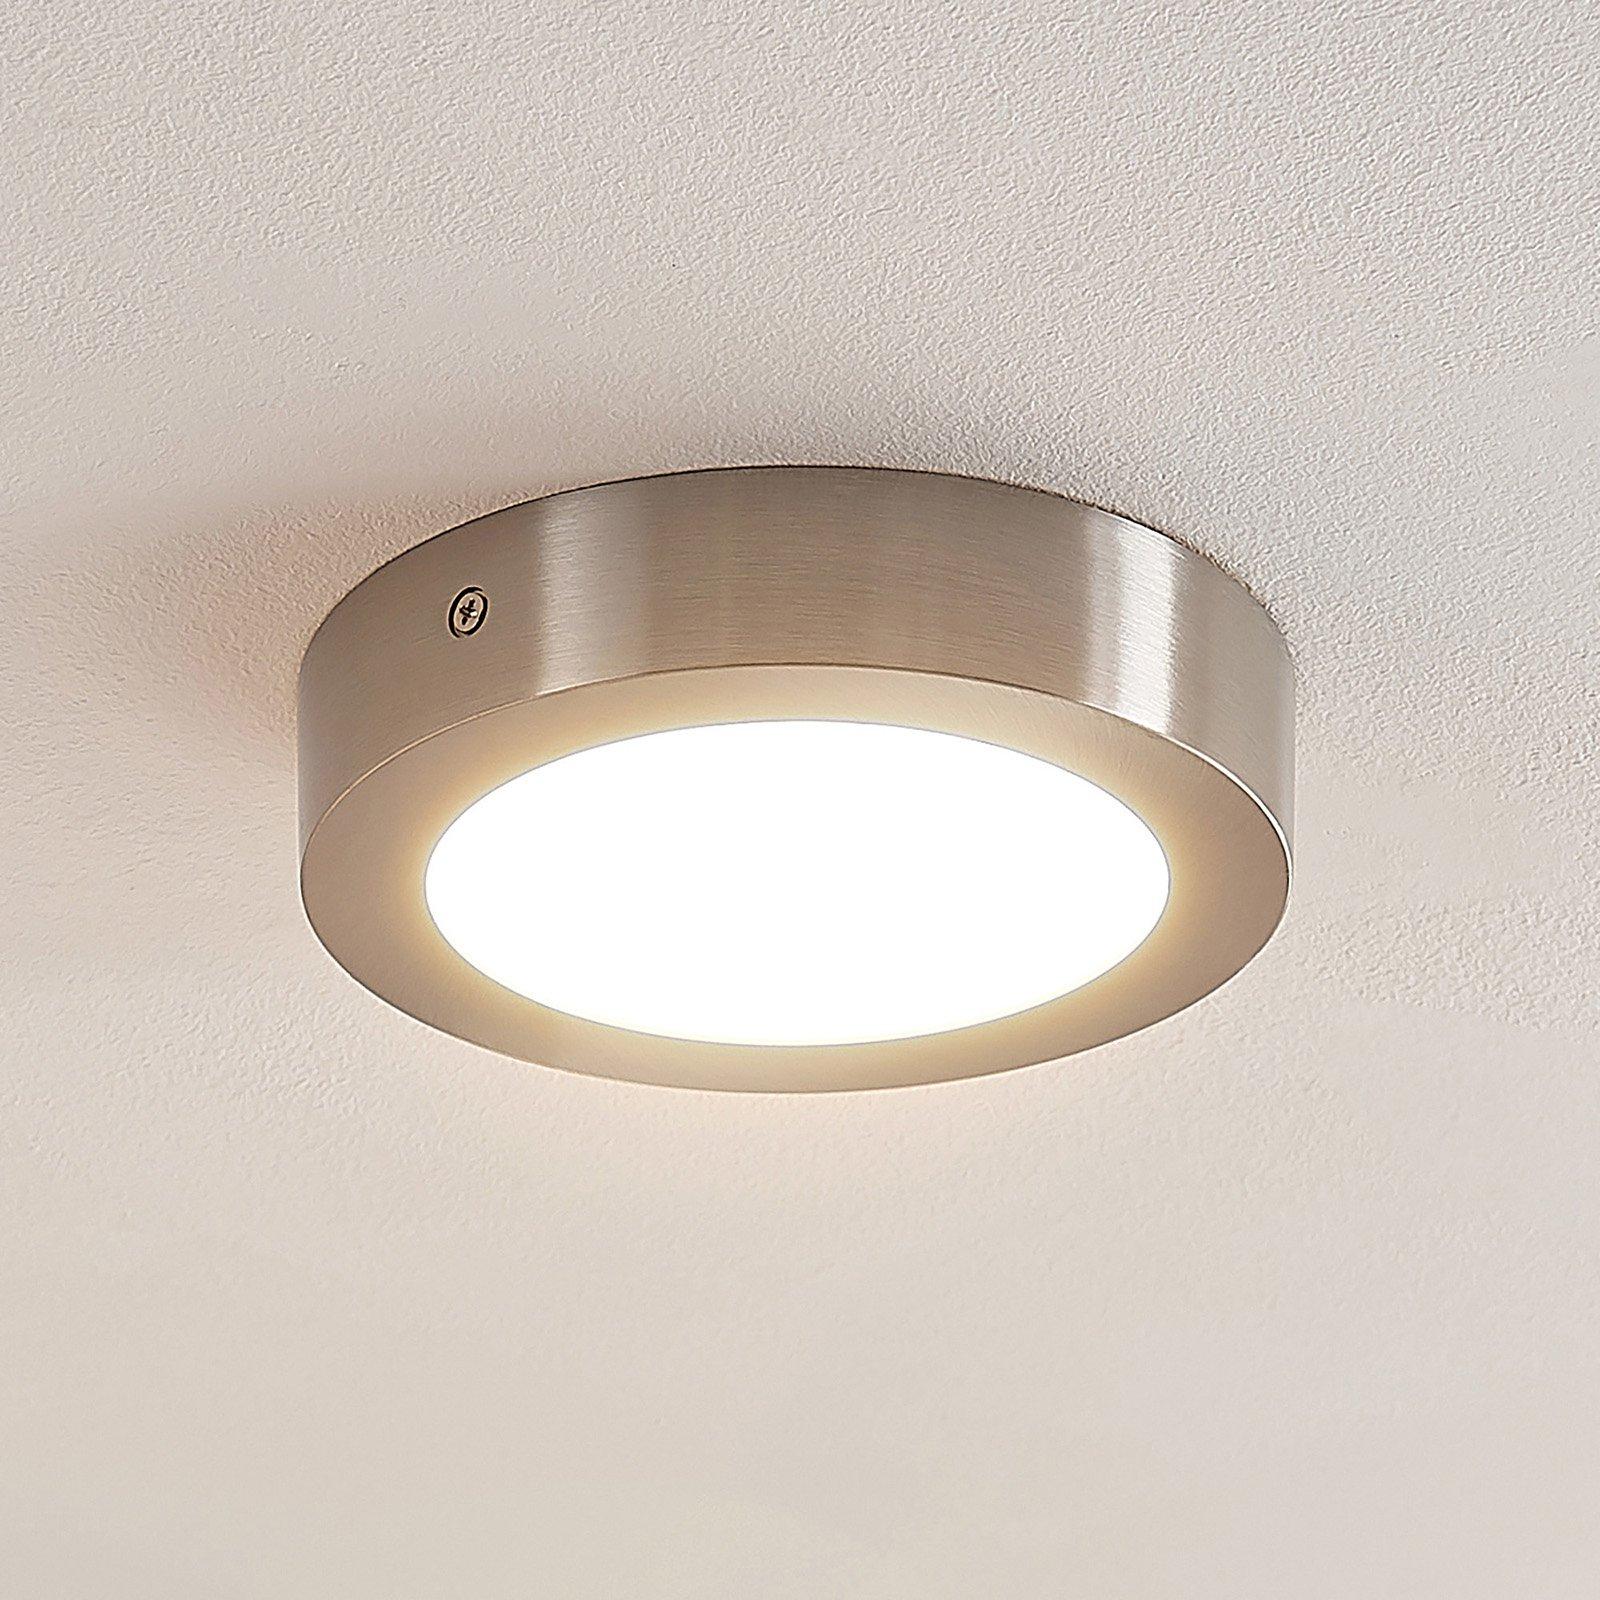 ELC Merina LED-taklampe downlight, nikkel 17 cm